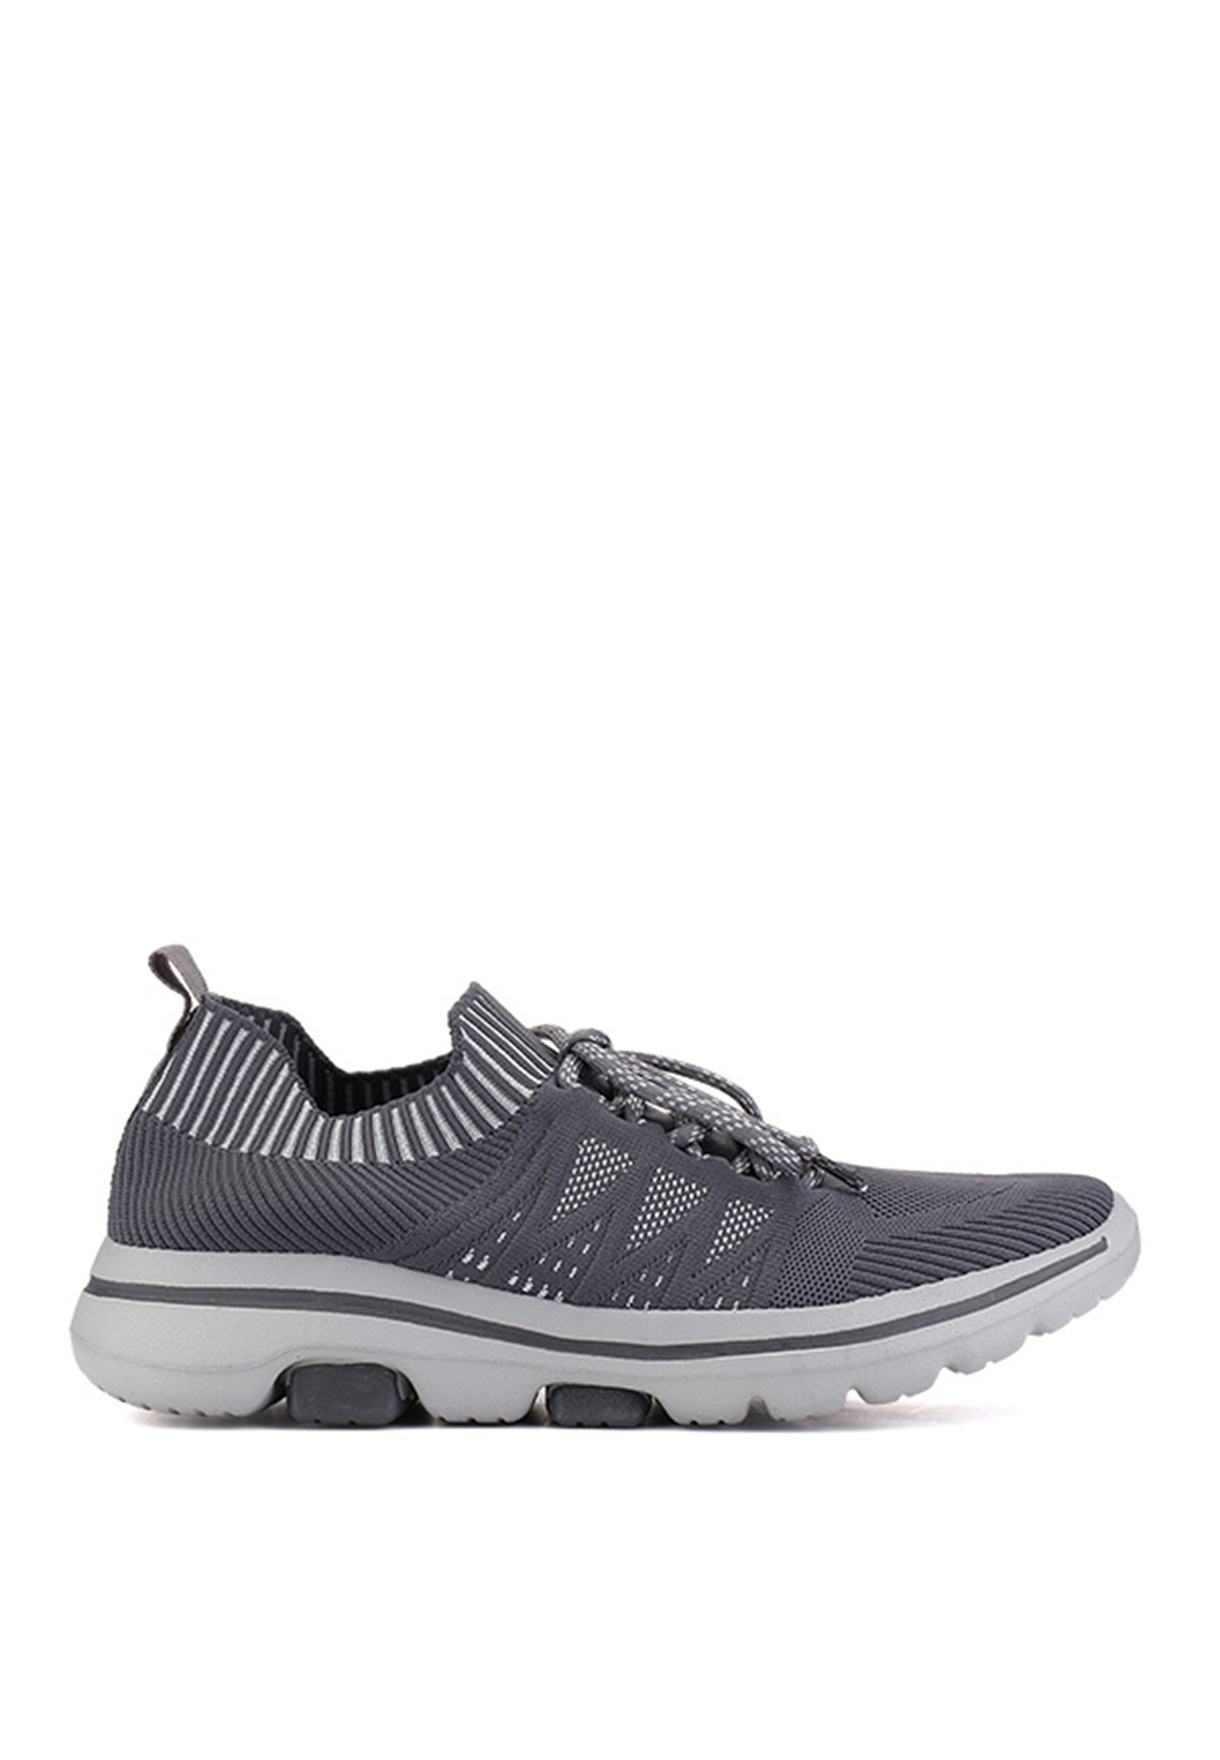 Men Sneaker Shoes